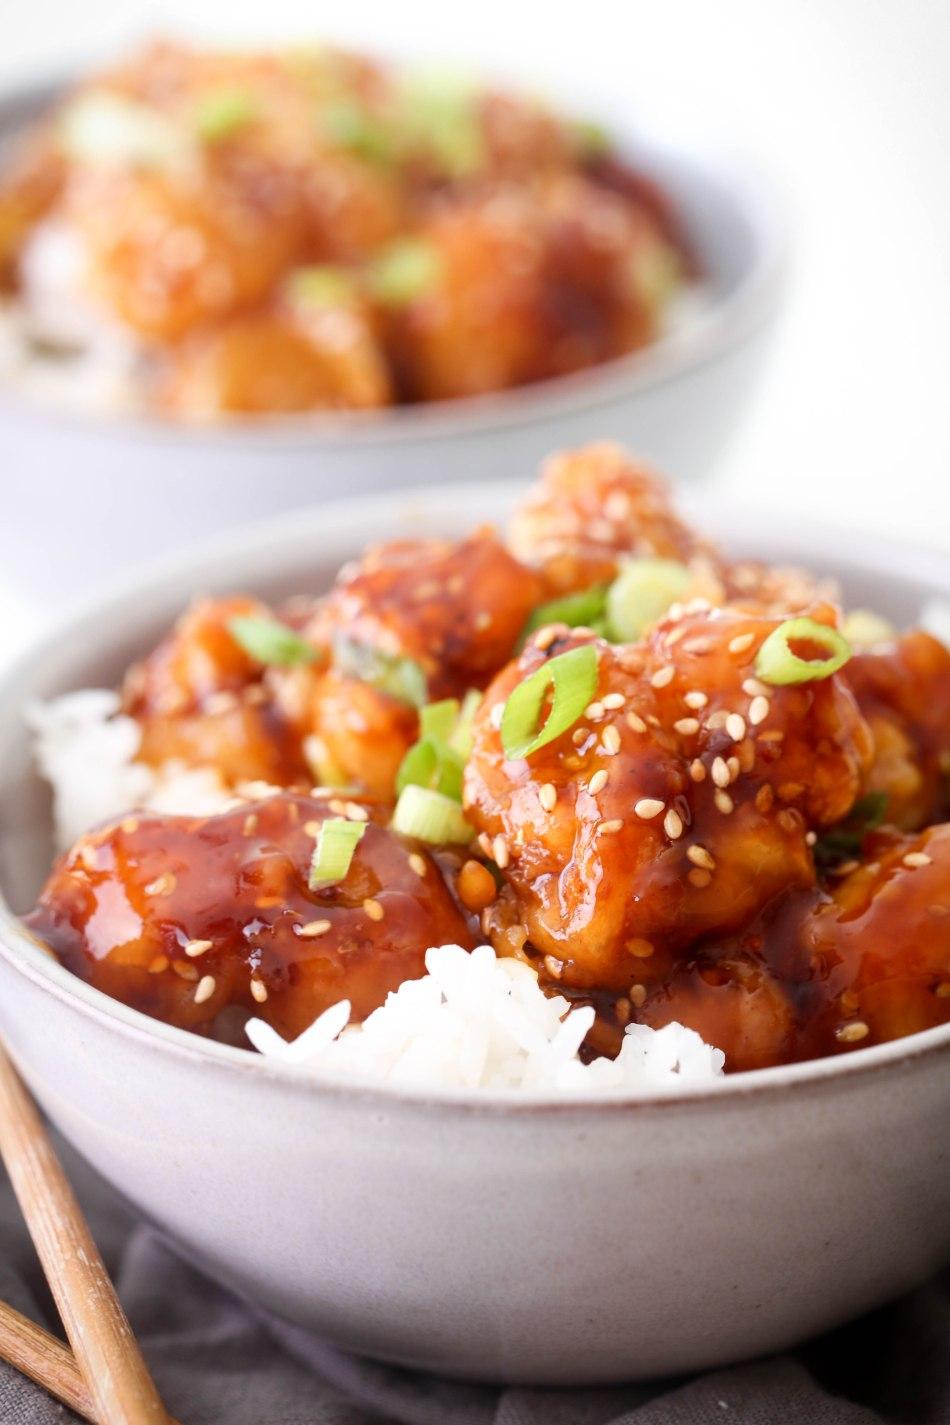 Sesame Cauliflower | Free of gluten, dairy, and refined sugar. Vegan and vegetarian.